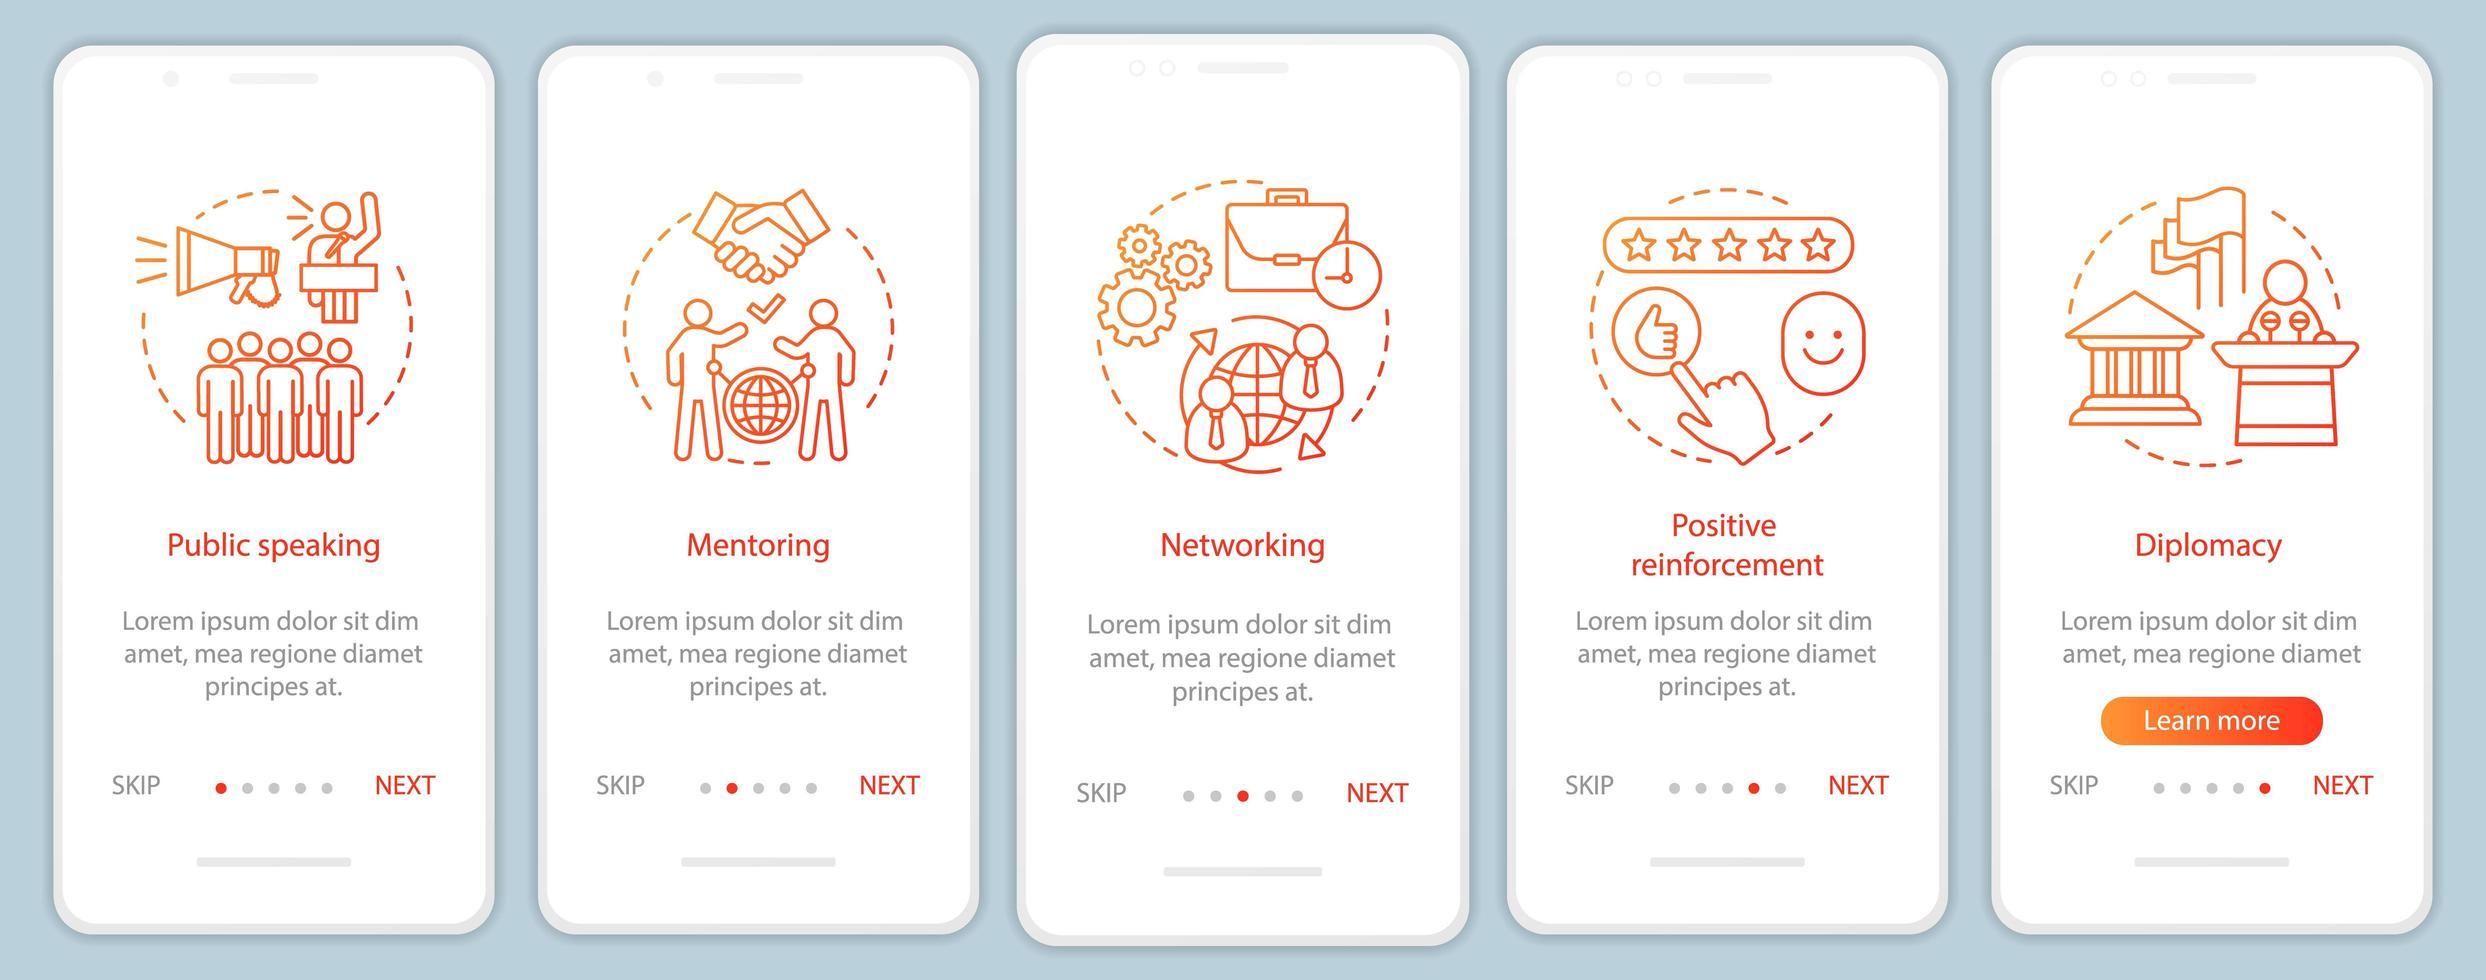 écran de la page de l'application mobile d'intégration des compétences générales vecteur